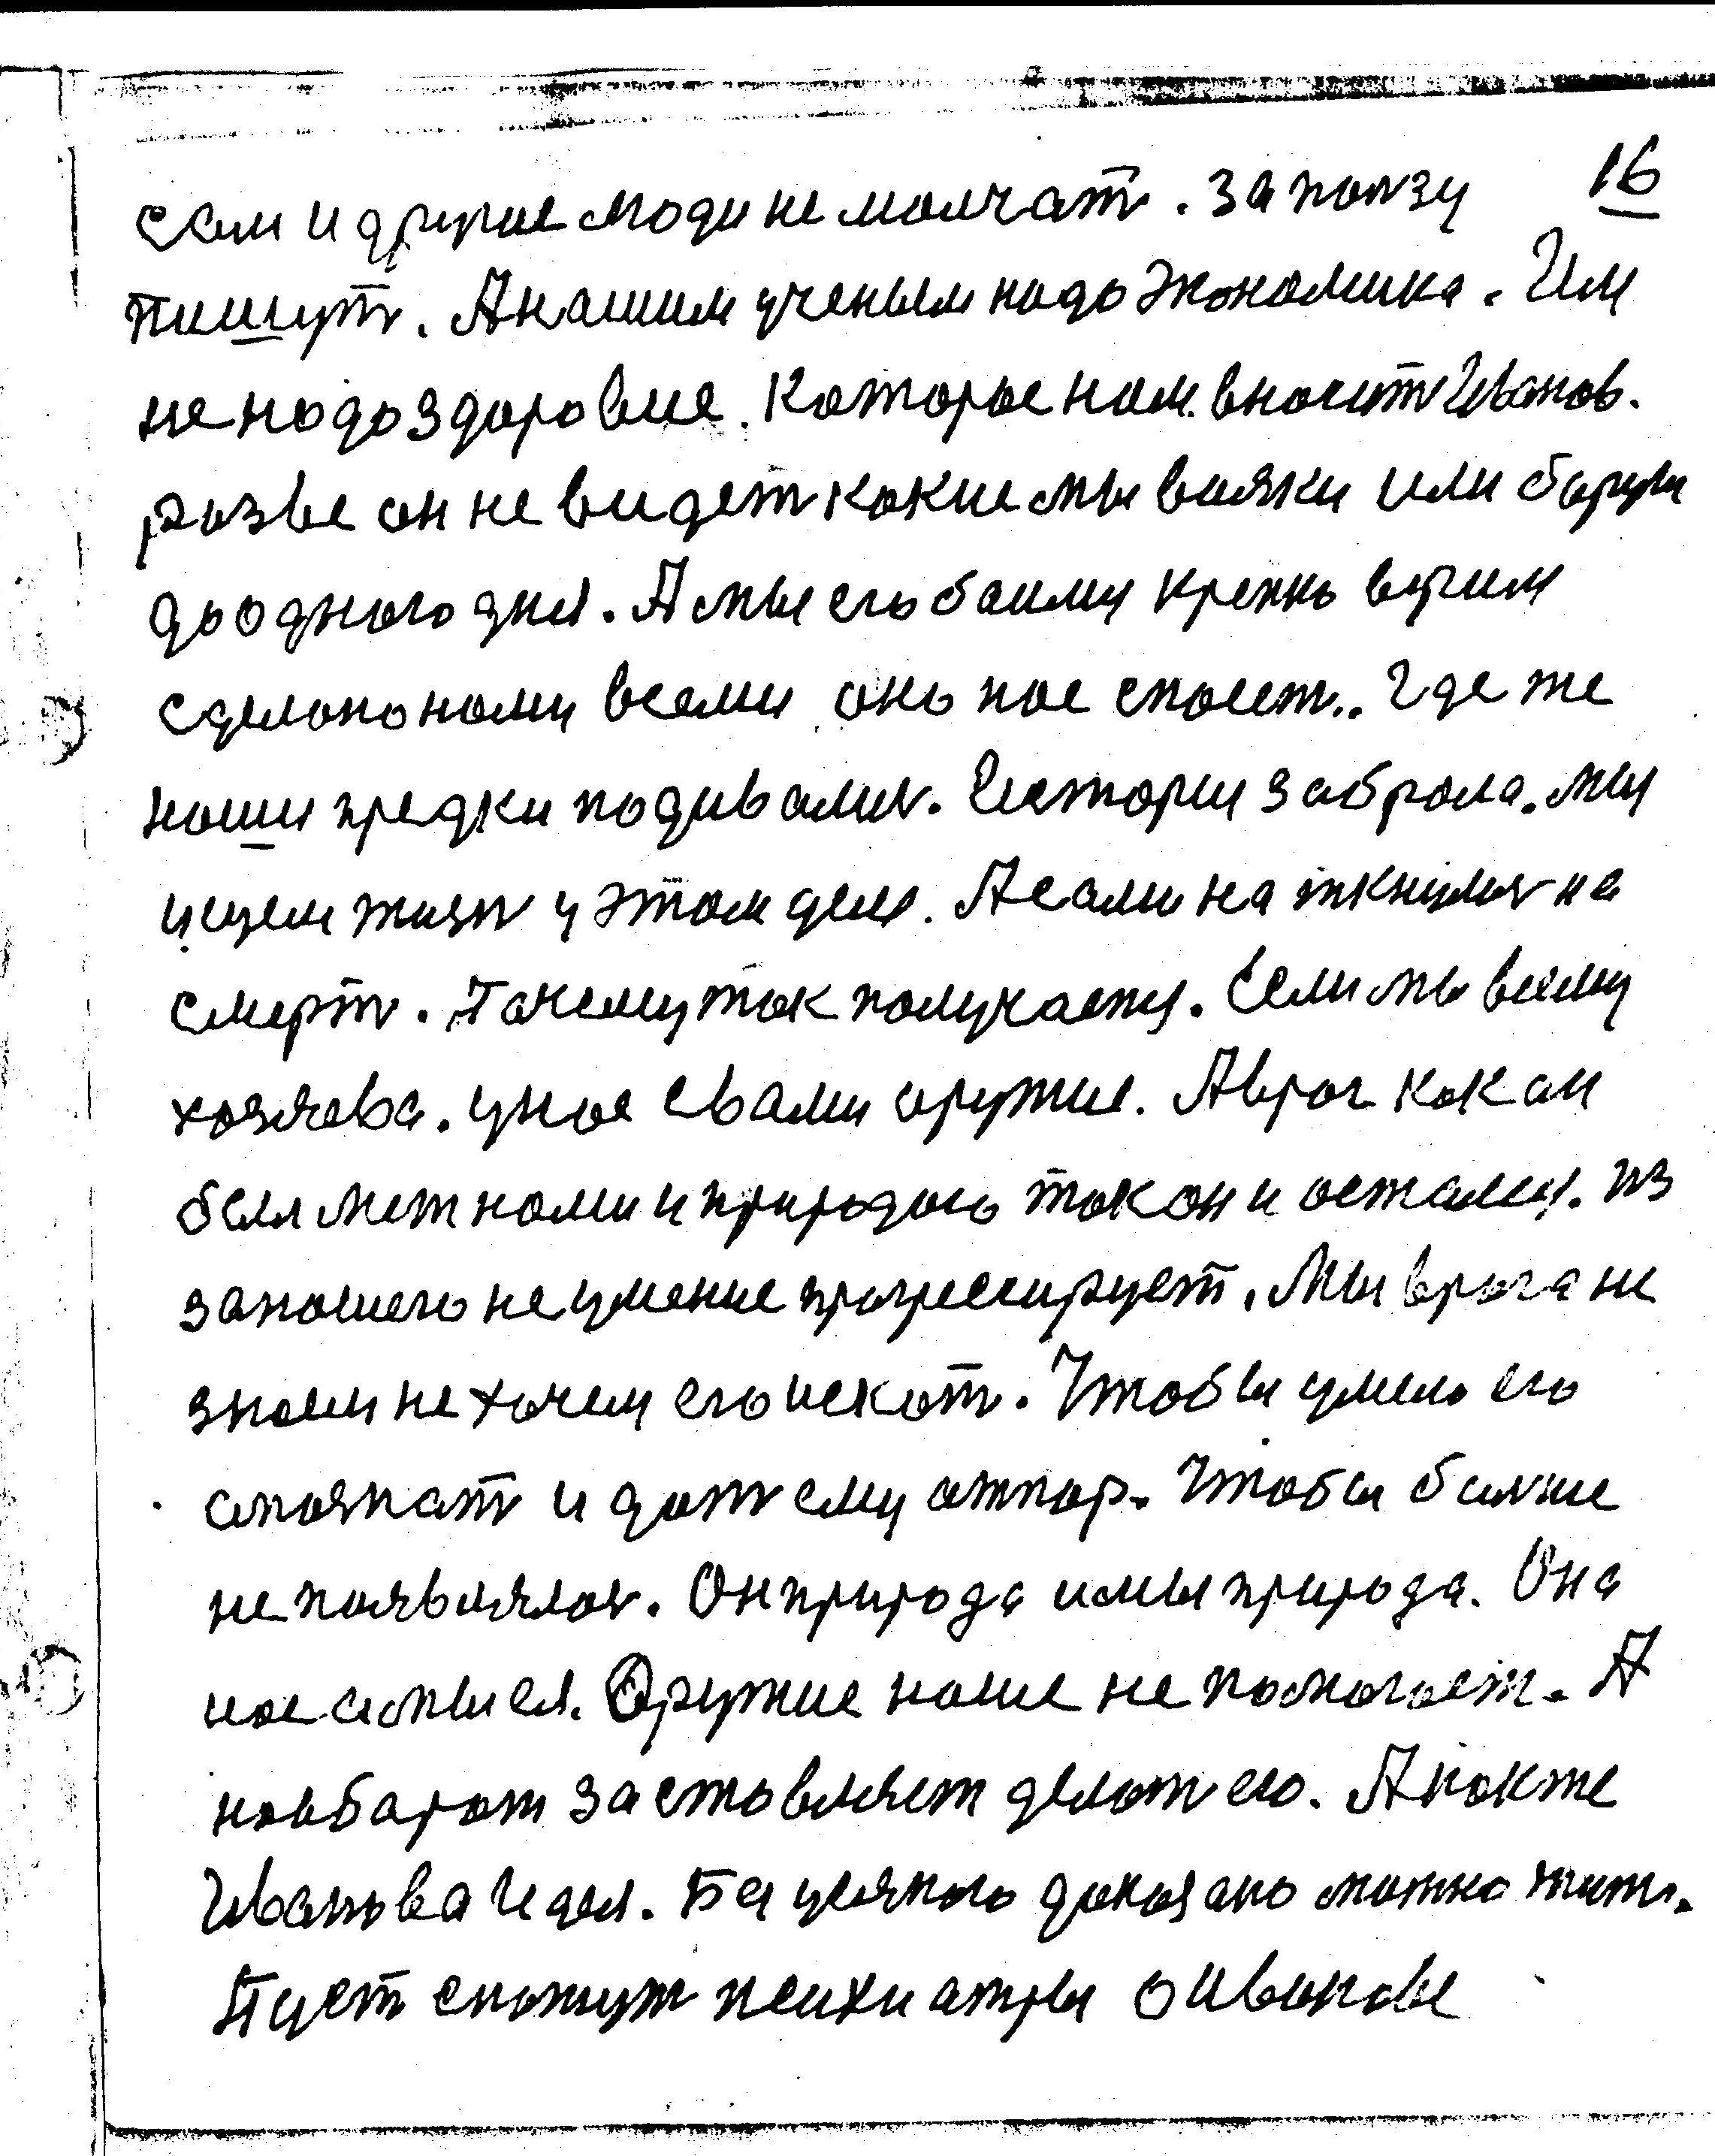 16-179.jpg